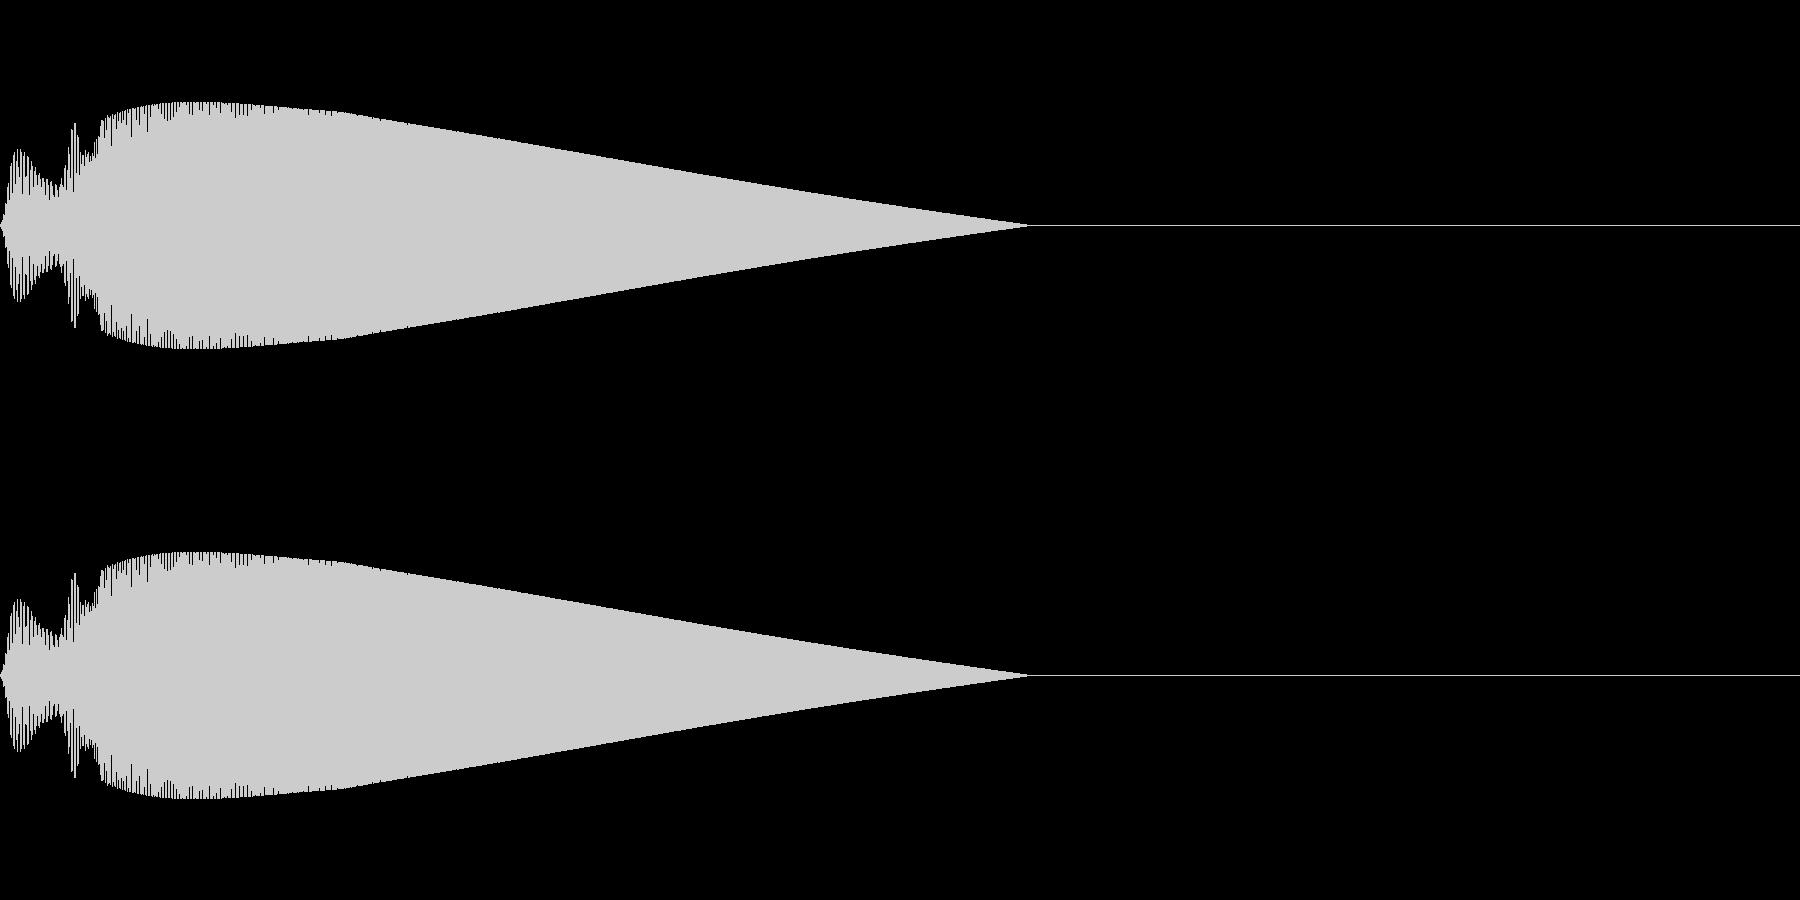 【ピヨーン】ファミコン系ジャンプ音_01の未再生の波形